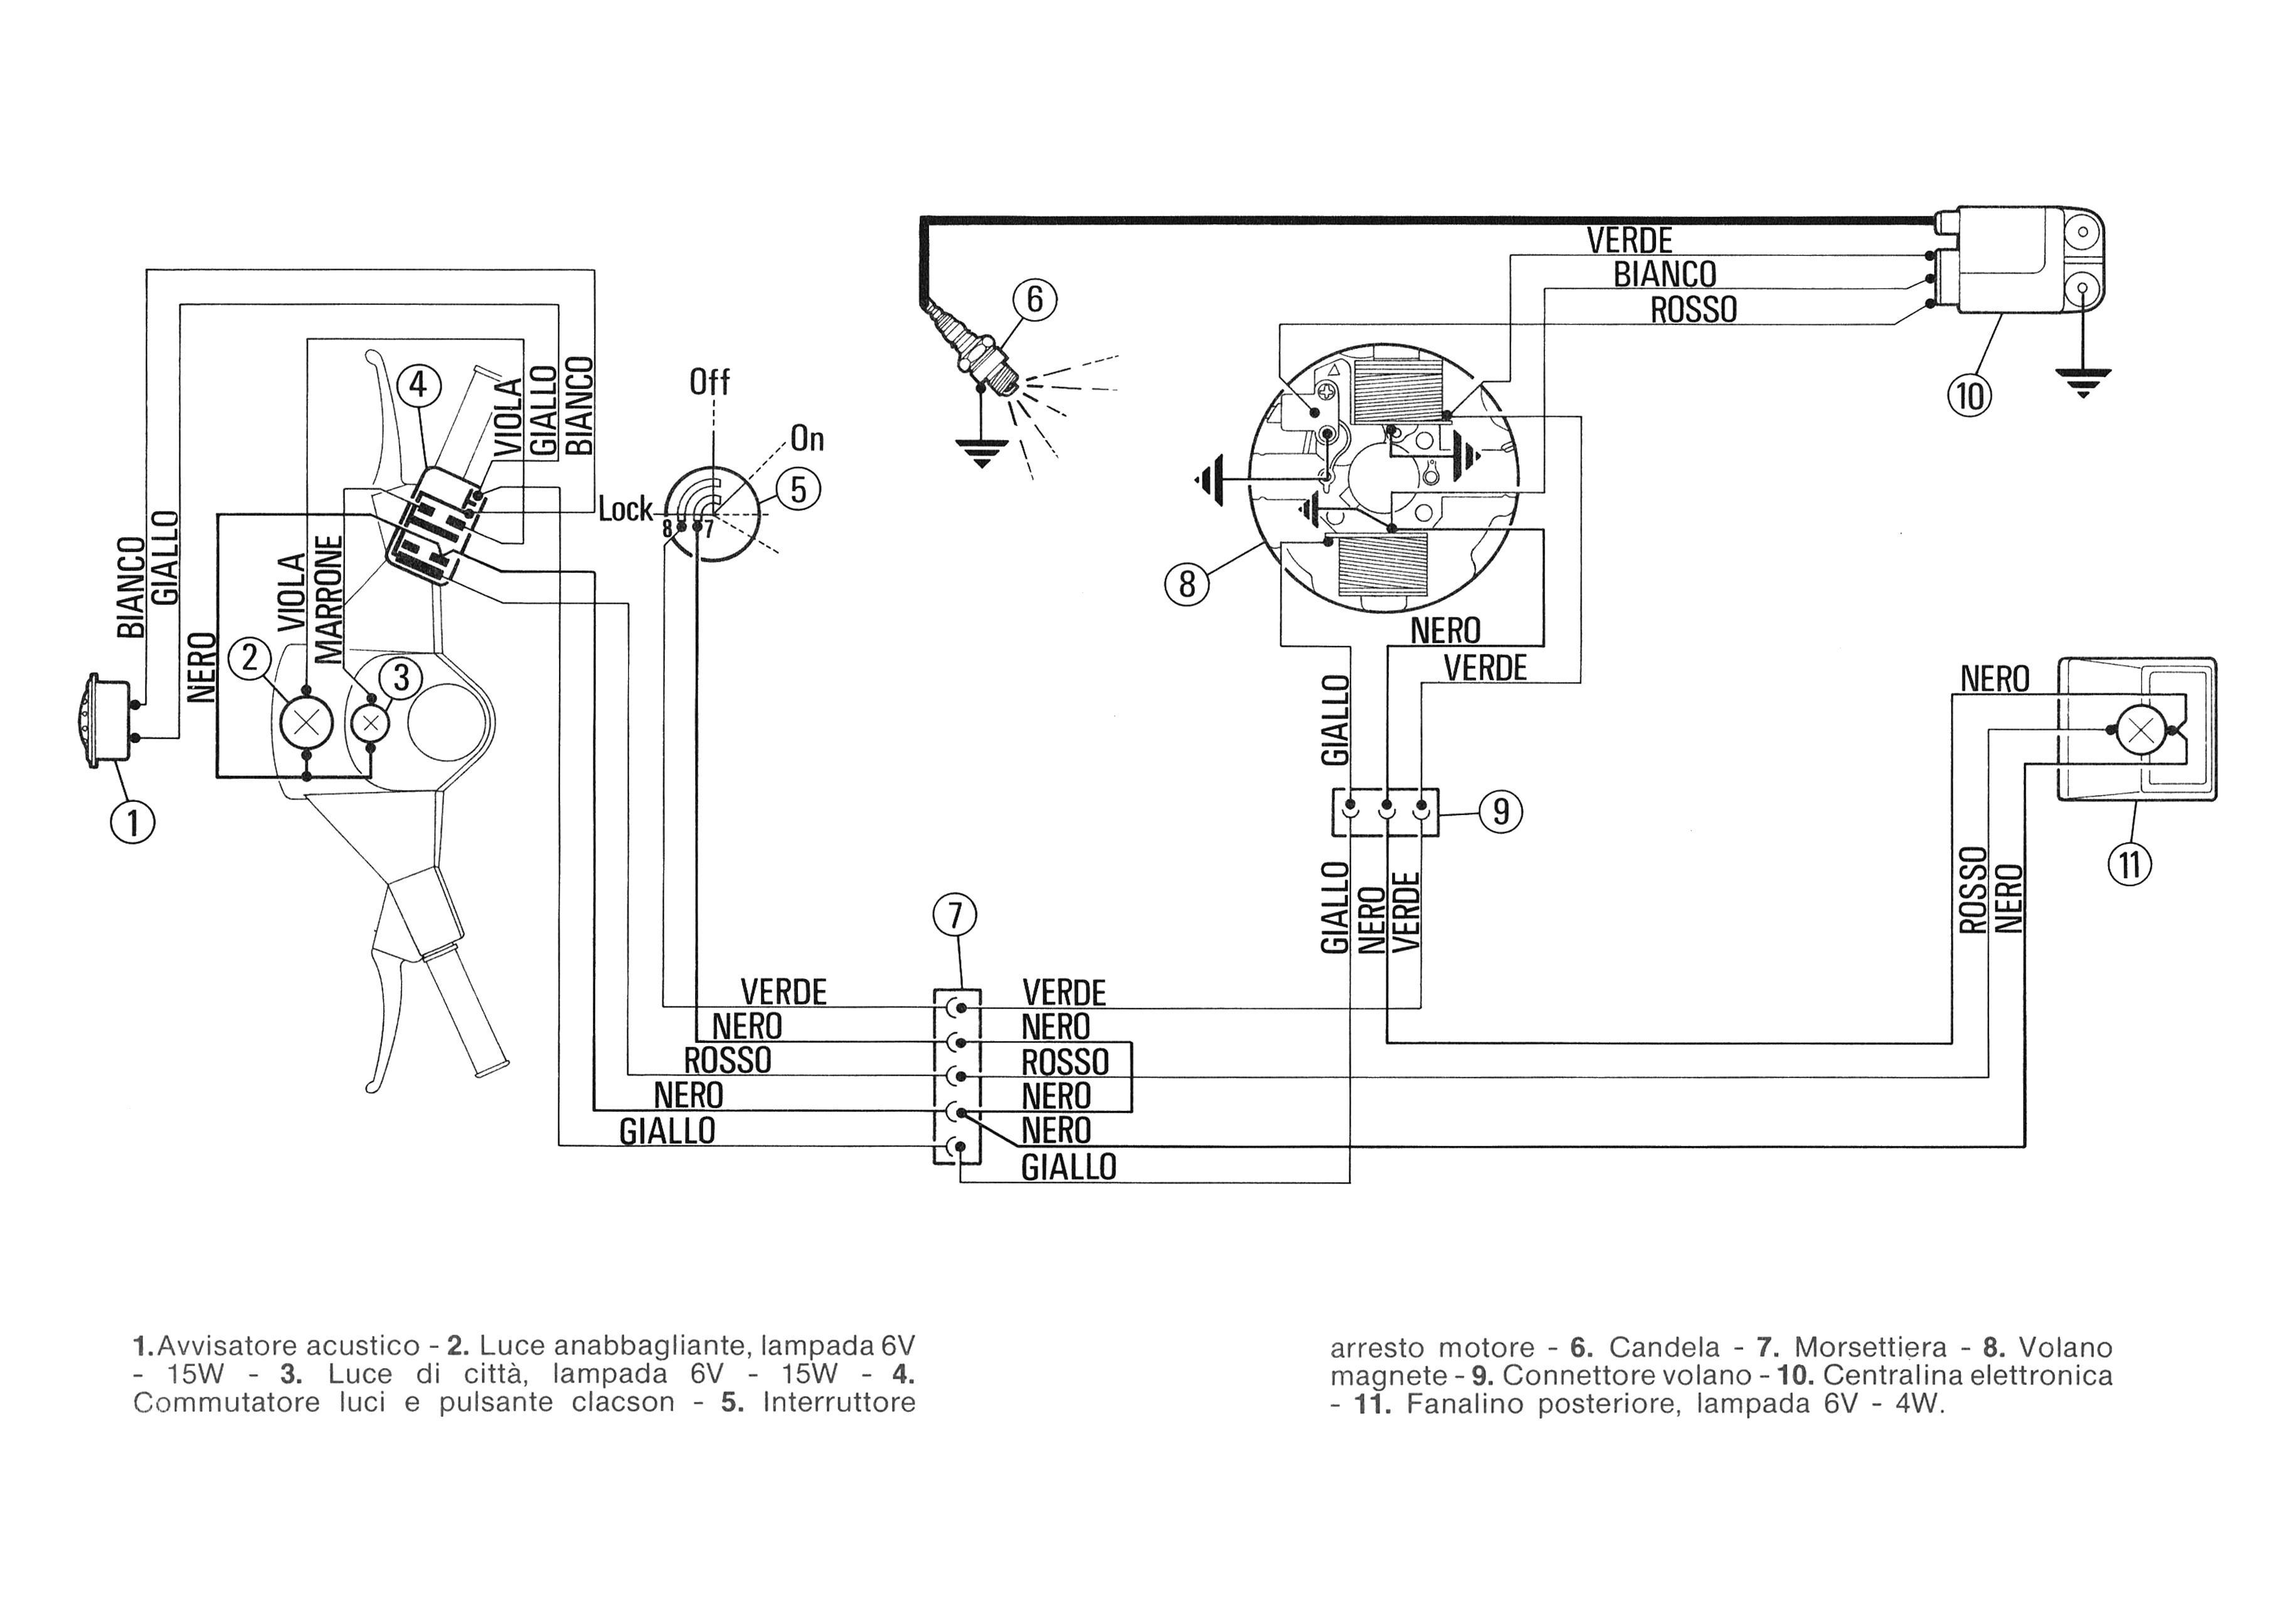 Berühmt Cobra Tachometer Schaltplan Bilder - Elektrische Schaltplan ...